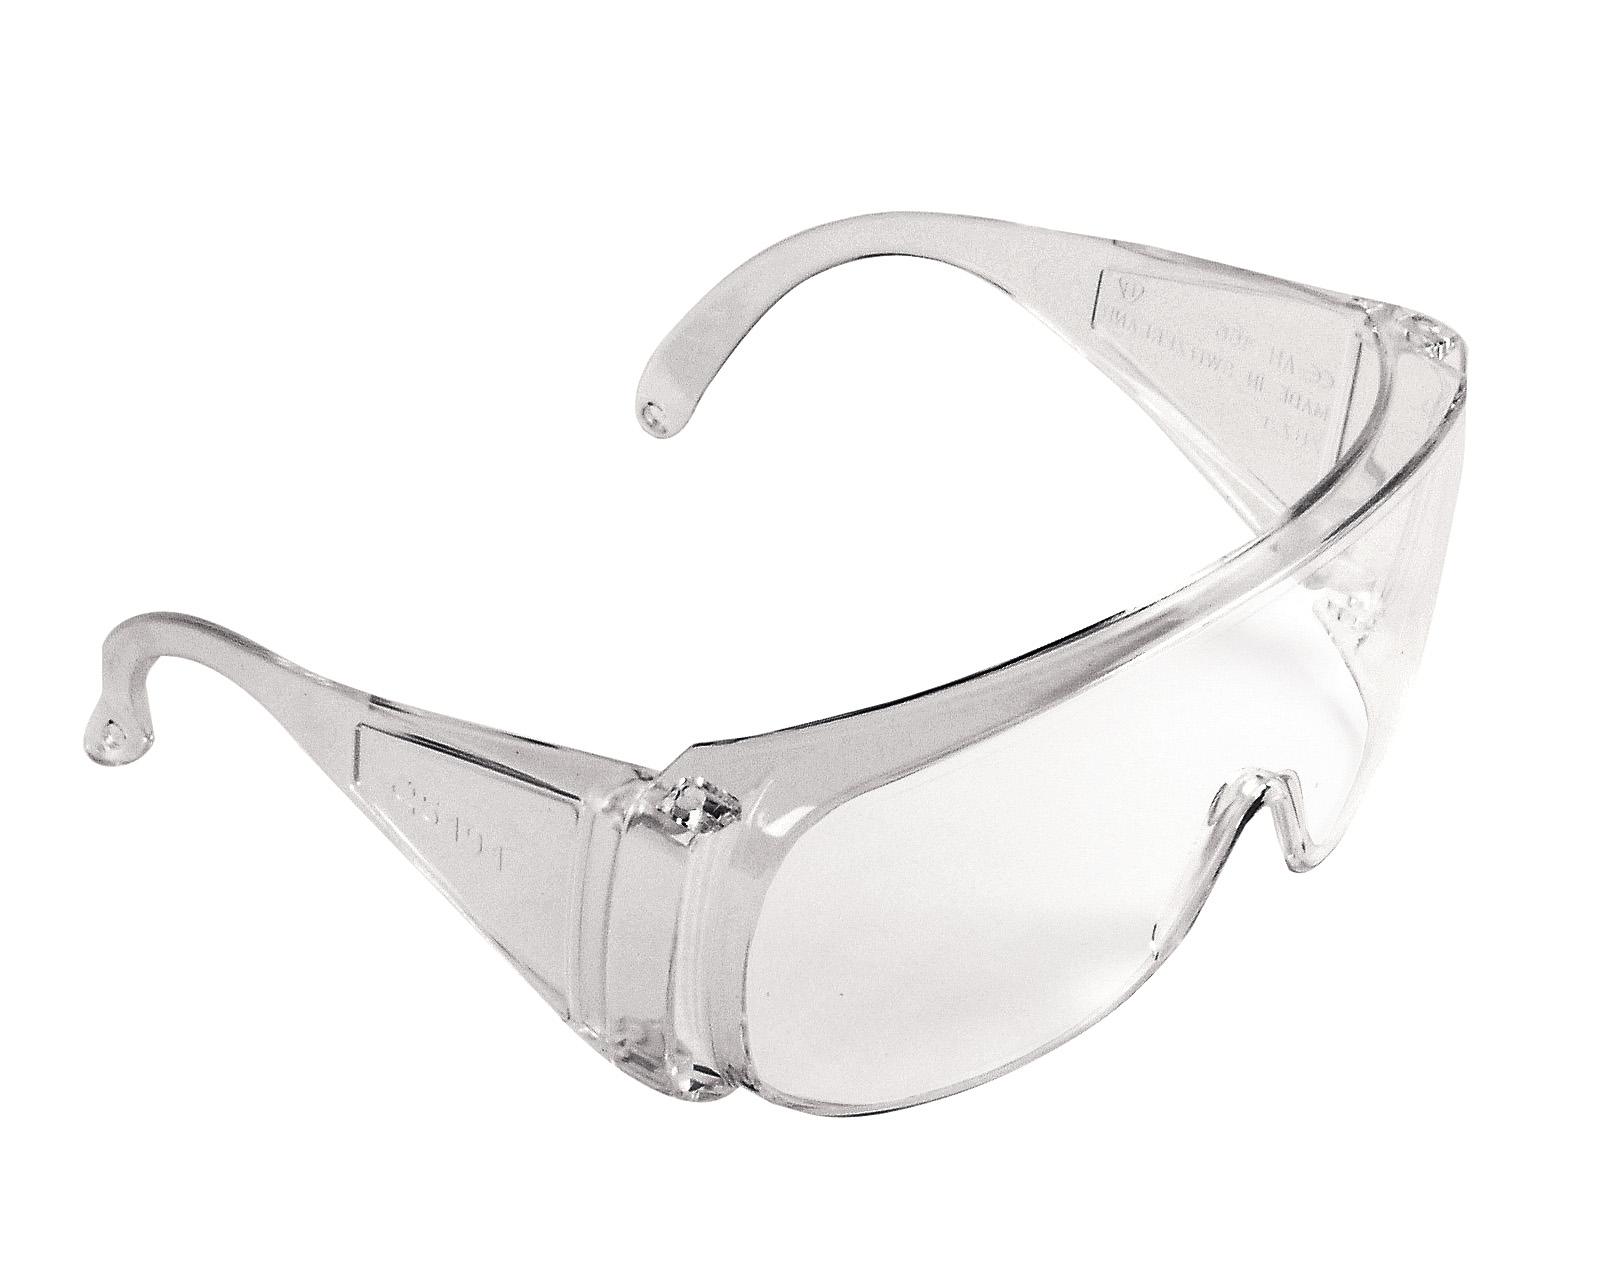 Brýle VS-160 pro brusiče návštěvnické BASIC 5191